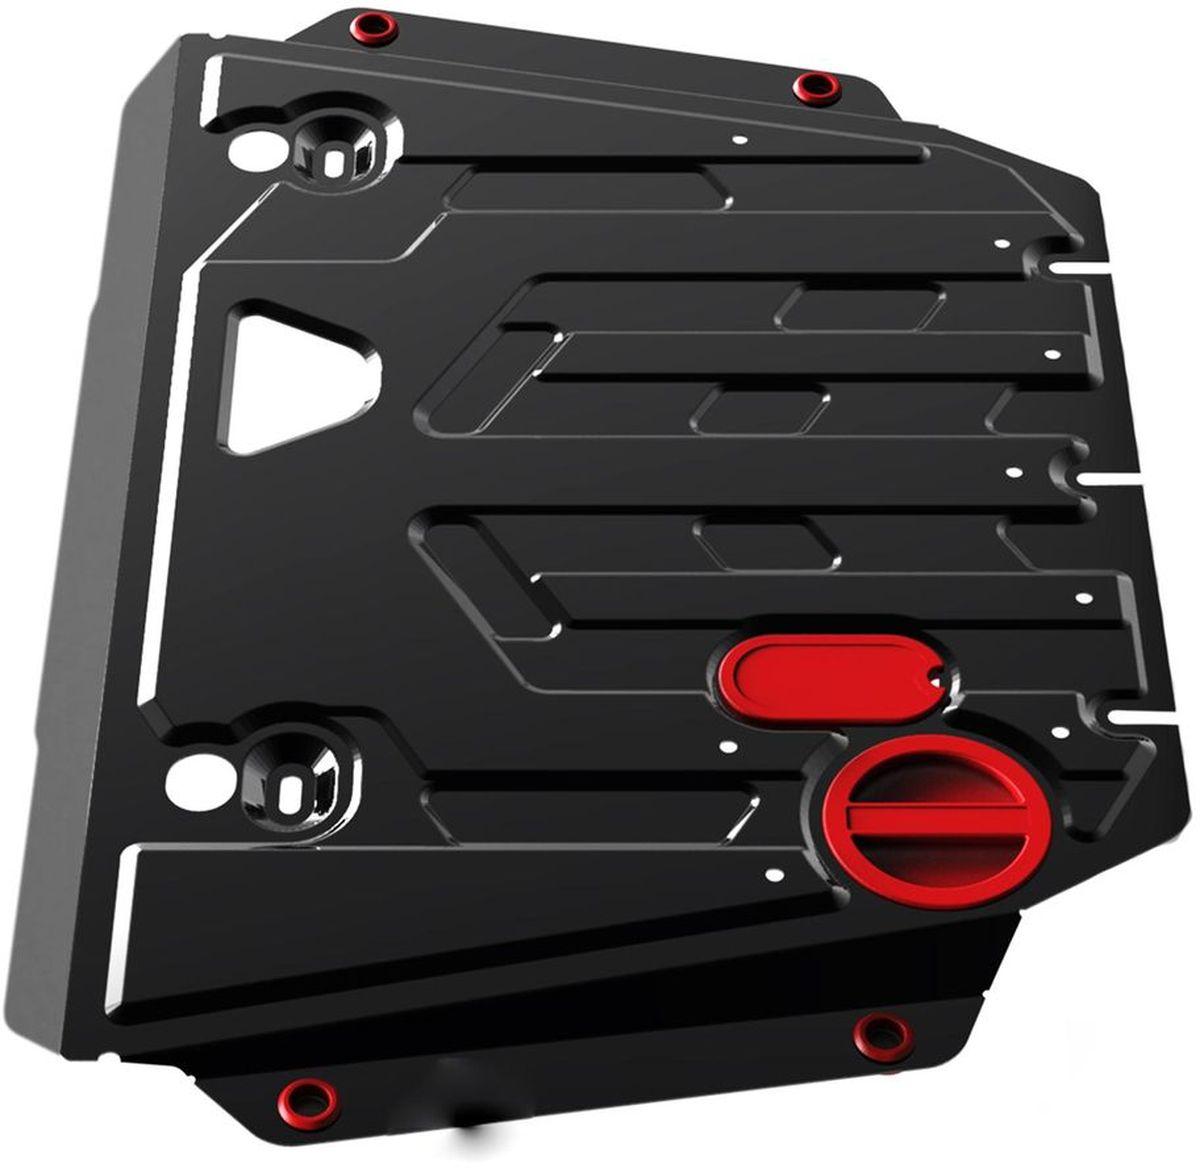 Защита картера и КПП Автоброня, для Hyundai Sonata V - 2,0 (2010-2013)111.02320.1Технологически совершенный продукт за невысокую стоимость. Защита разработана с учетом особенностей днища автомобиля, что позволяет сохранить дорожный просвет с минимальным изменением. Защита устанавливается в штатные места кузова автомобиля. Глубокий штамп обеспечивает до двух раз больше жесткости в сравнении с обычной защитой той же толщины. Проштампованные ребра жесткости препятствуют деформации защиты при ударах. Тепловой зазор и вентиляционные отверстия обеспечивают сохранение температурного режима двигателя в норме. Скрытый крепеж предотвращает срыв крепежных элементов при наезде на препятствие. Шумопоглощающие резиновые элементы обеспечивают комфортную езду без вибраций и скрежета металла, а съемные лючки для слива масла и замены фильтра - экономию средств и время. Конструкция изделия не влияет на пассивную безопасность автомобиля (при ударе защита не воздействует на деформационные зоны кузова). Со штатным крепежом. В комплекте инструкция по установке....